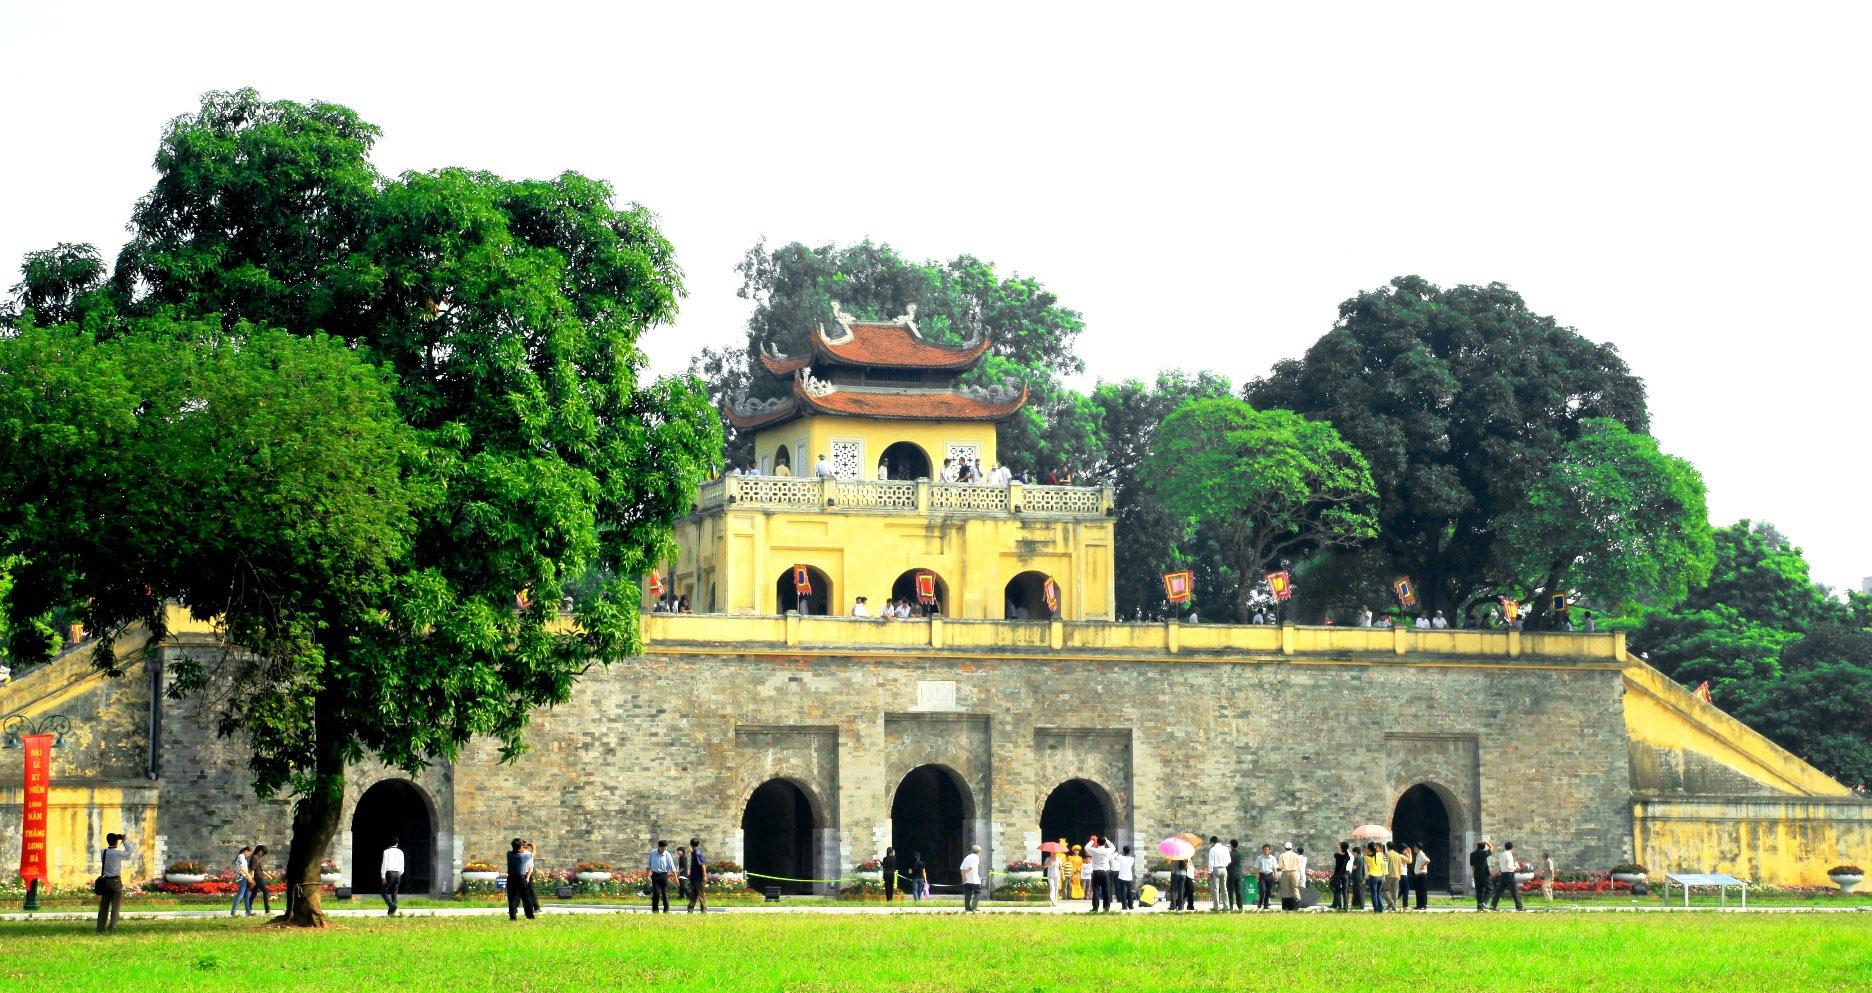 Tiếp tục khai quật gần 1000 mét vuông tại Hoàng Thành Thăng Long